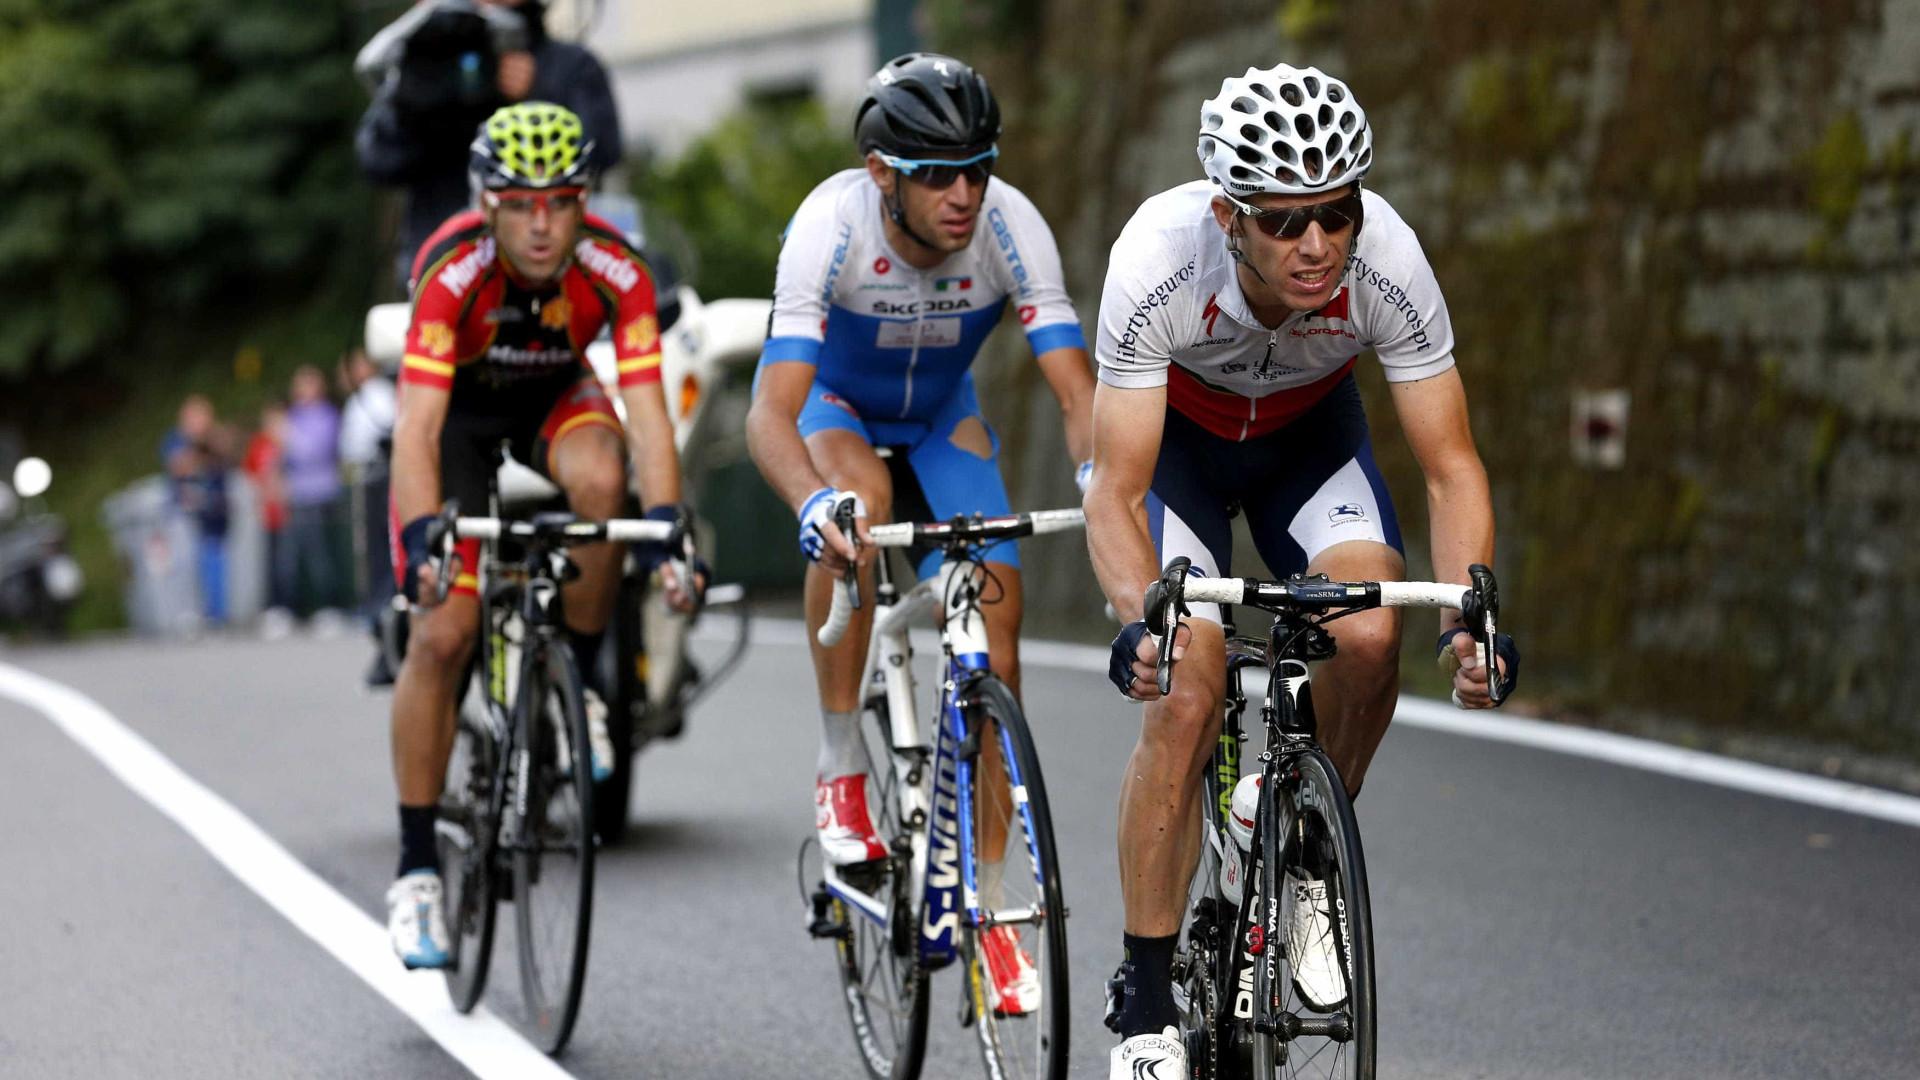 VÍDEO Alejandro Valverde abandonou o Tour após queda arrepiante